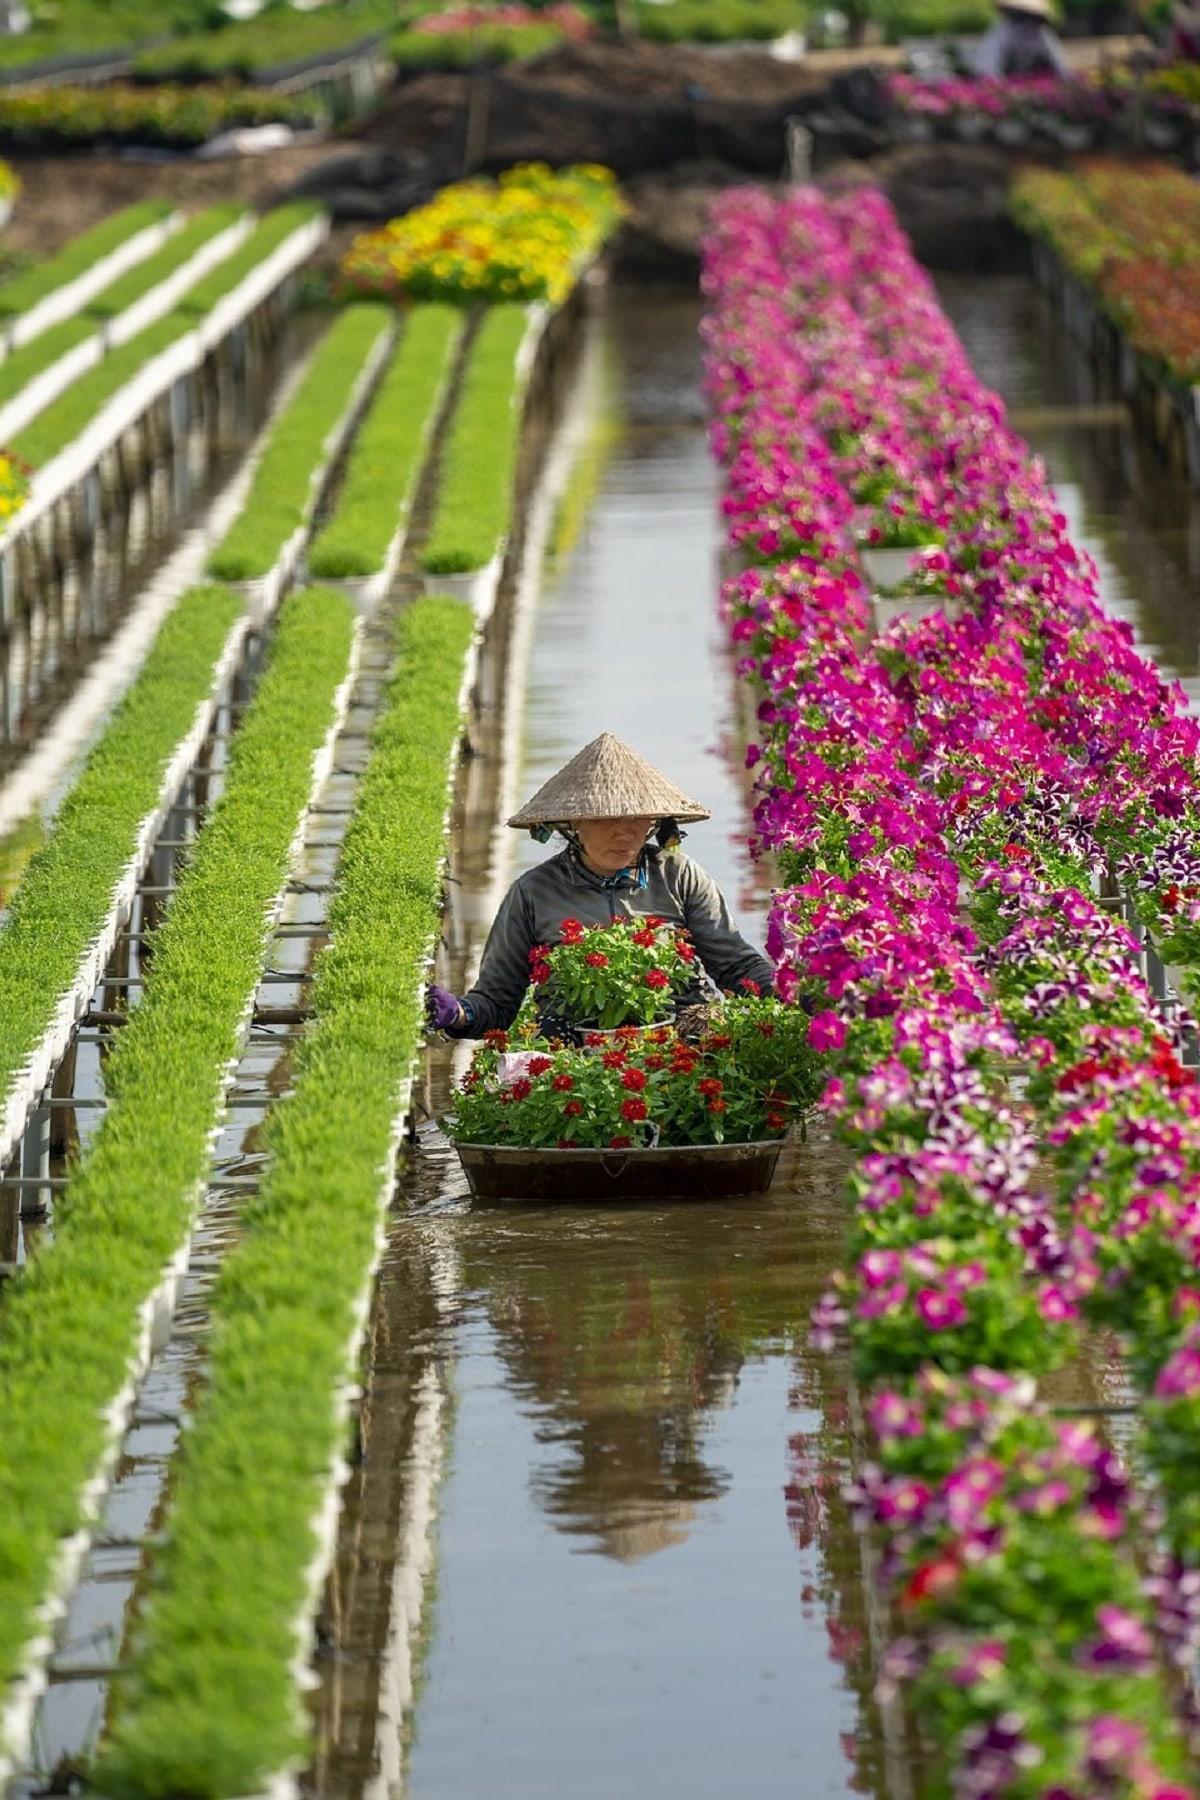 Tác phẩm Chăm sóc hoa của nhiếp ảnh gia Anh Trung, chụp tại thành phố Se Đéc. Anh mô tả, làng hoa Sa Đéc là nơi cung cấp số lượng lớn cây và hoa cho các tỉnh, thành miền Nam, đặc biệt là dịp Tết Nguyên Đán. Không giống với các trang trại nơi khác, hoa ở đây được trồng trên các giàn cao và tưới nước từ những con kênh gần đó.